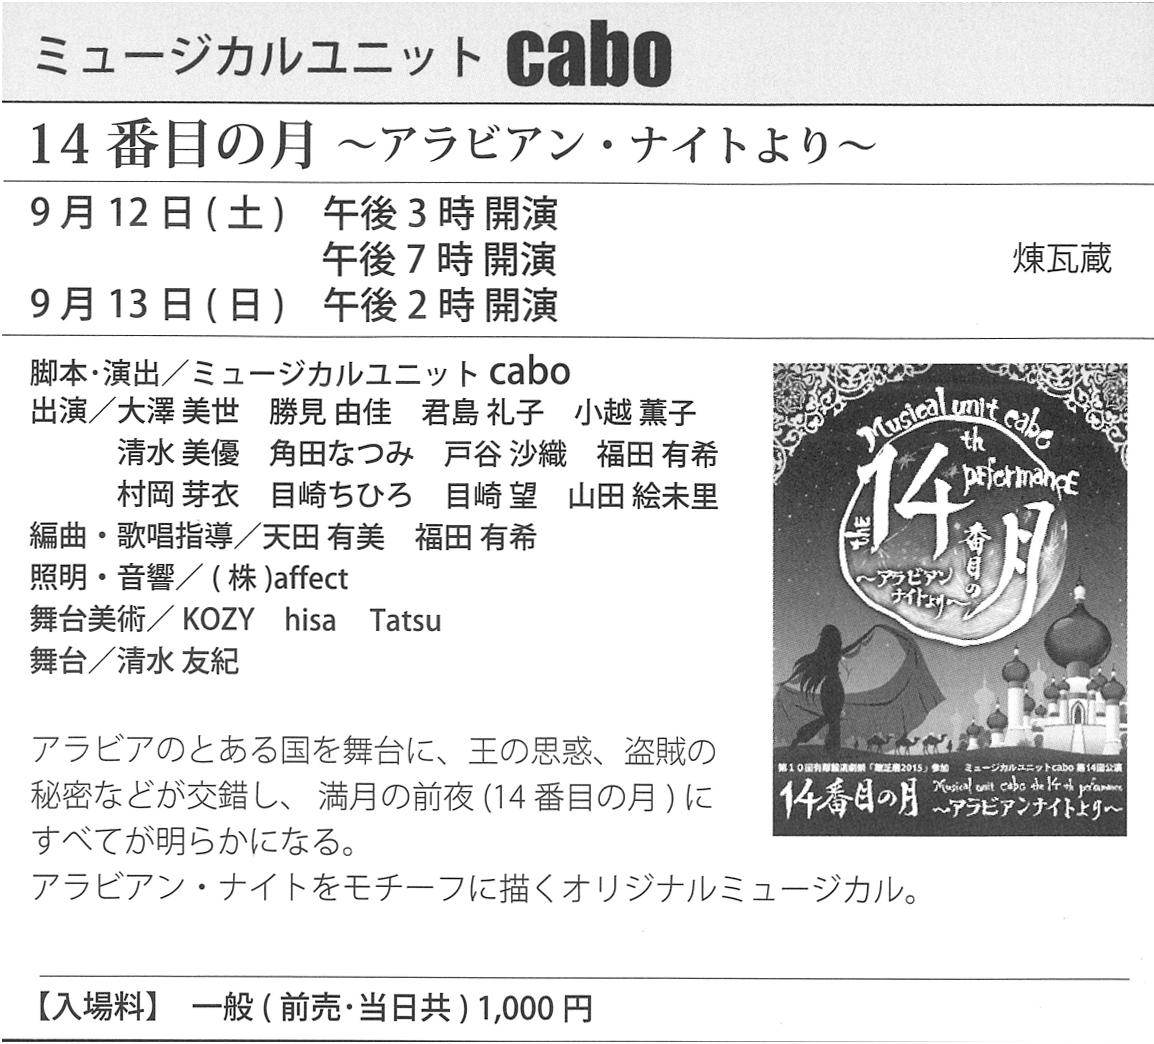 ミュージカルユニット Cabo 9/12-13